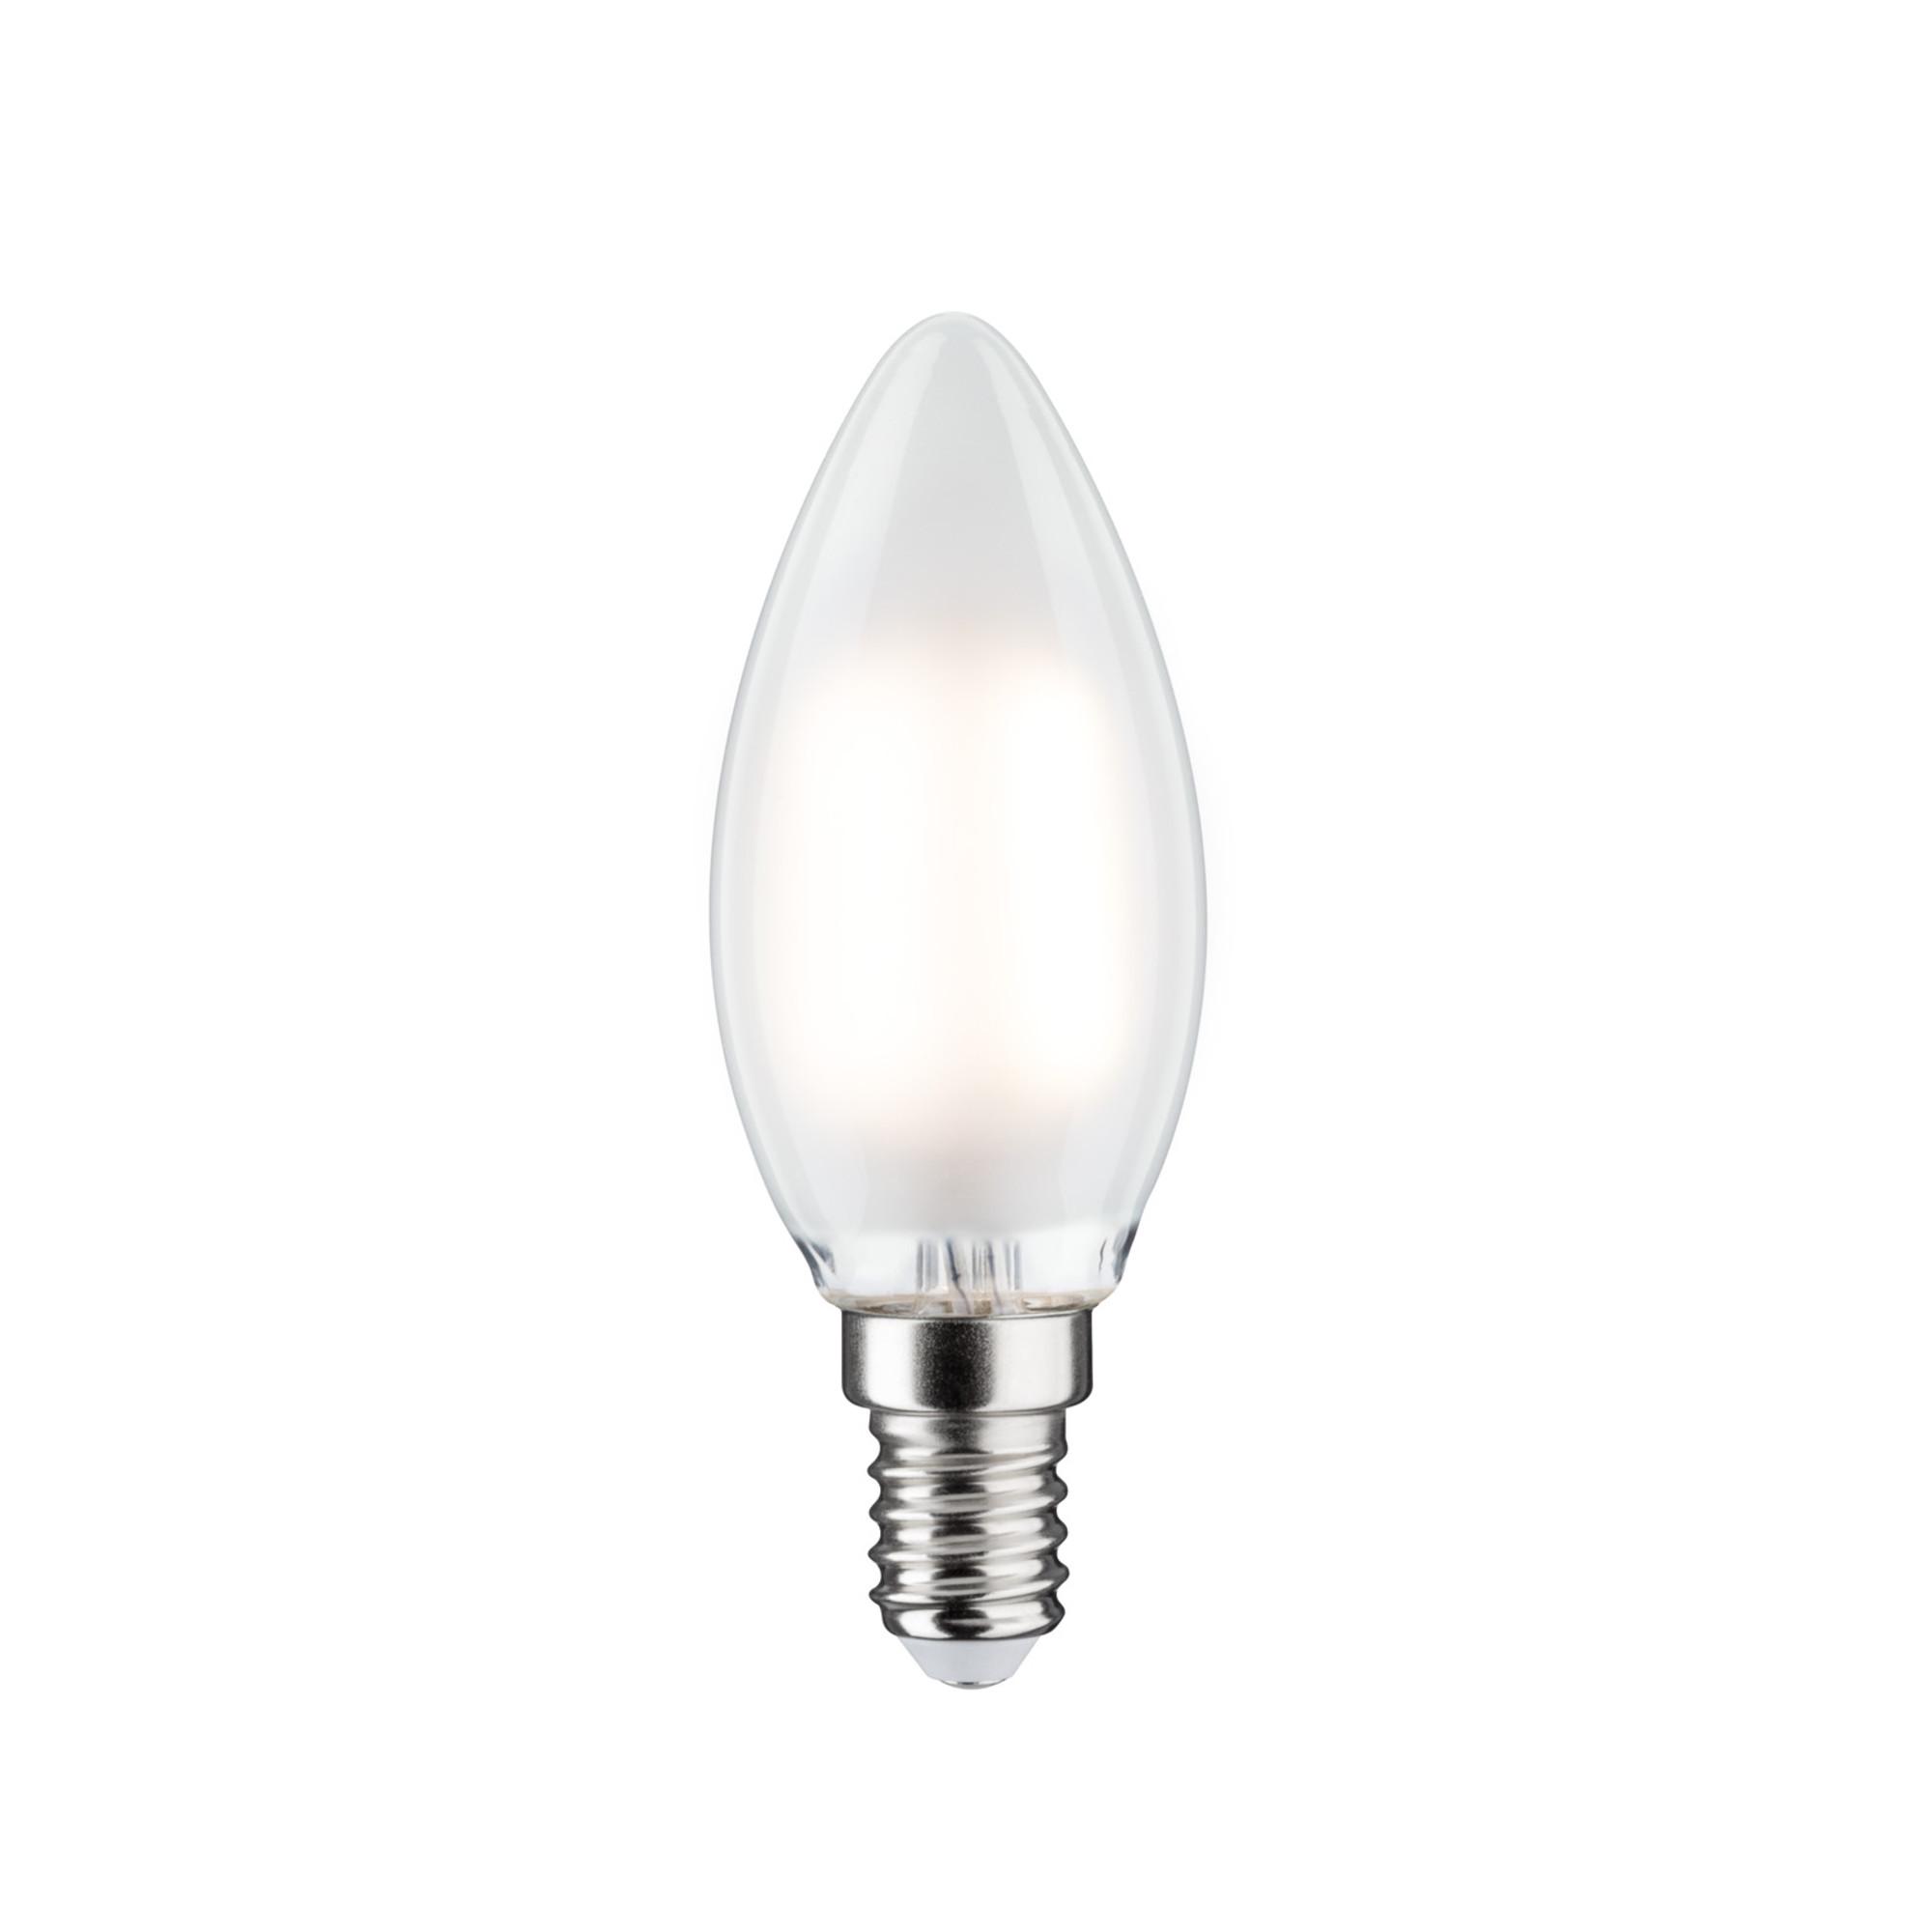 Лампа филаментная Paulmann Ретро Свеча 4.5Вт 470лм 2700К Е14 230В Сатин Регулируемая яркость 28496.